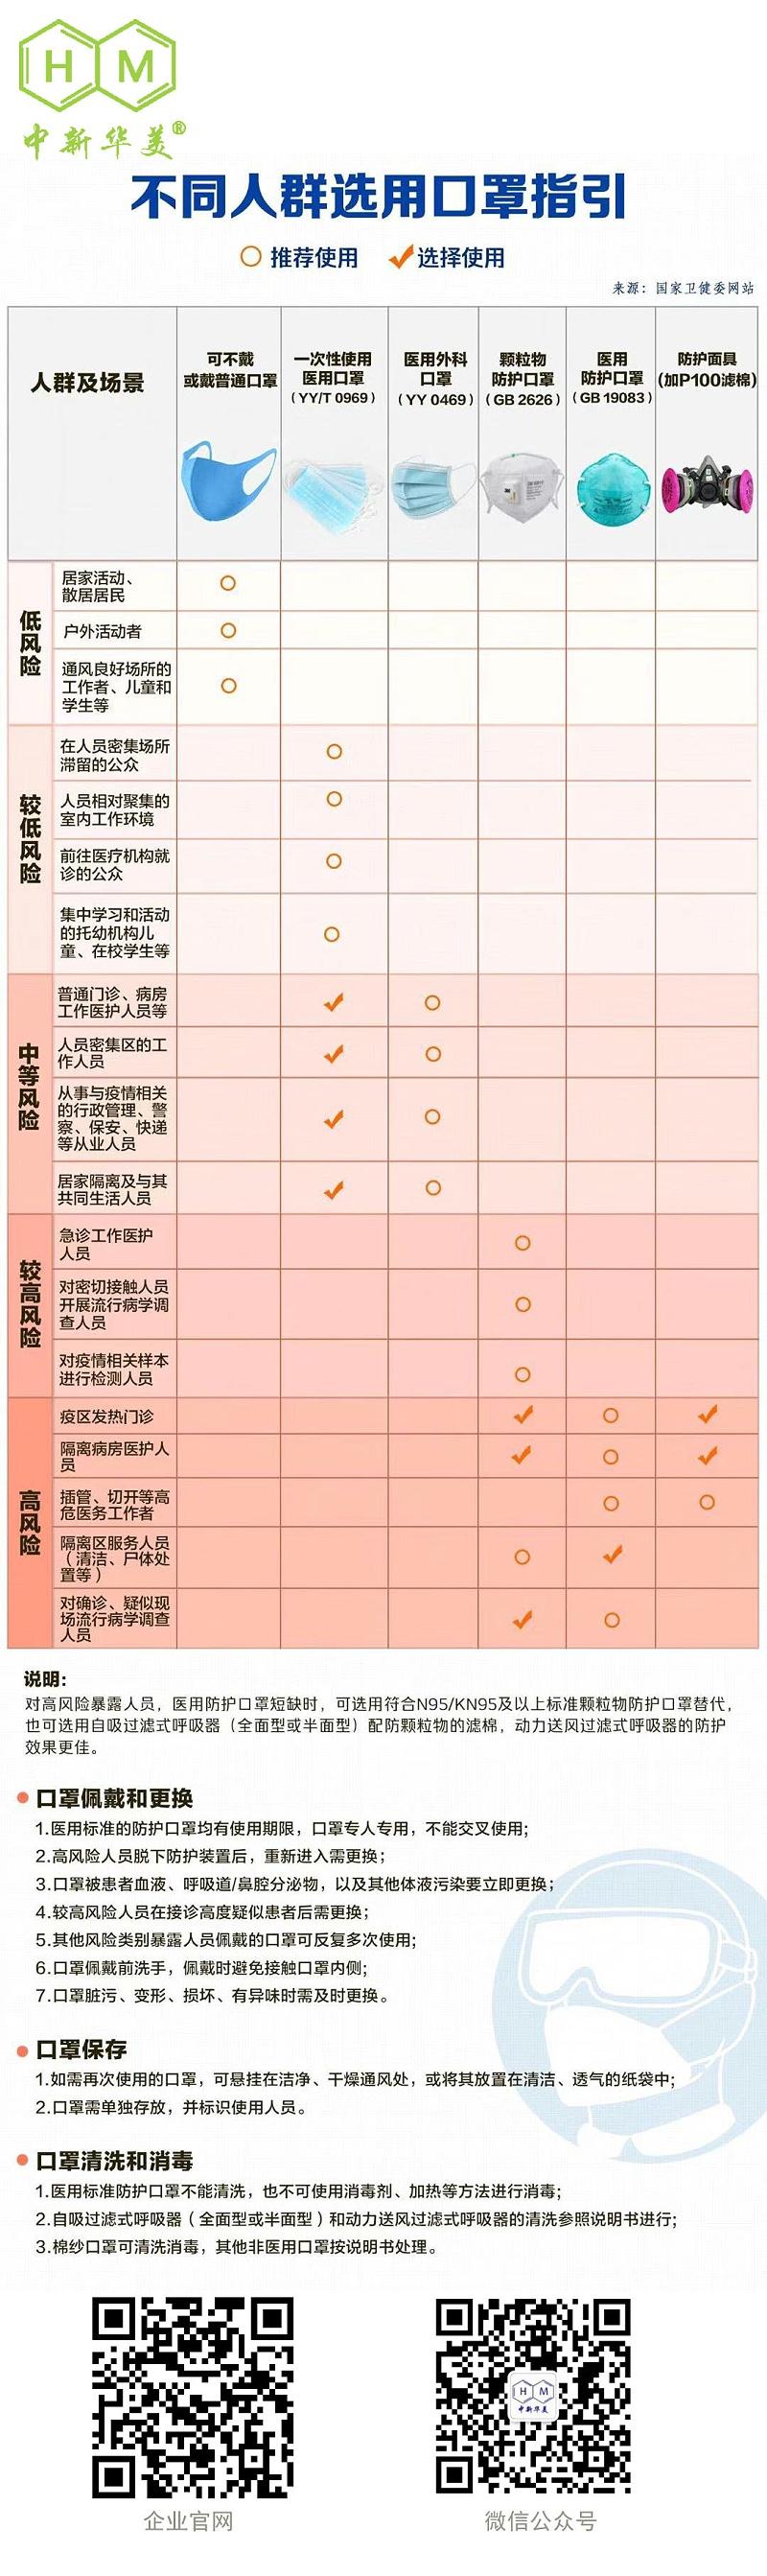 青岛中新华美塑料有限公司温馨提示:不同人群选用口罩指引